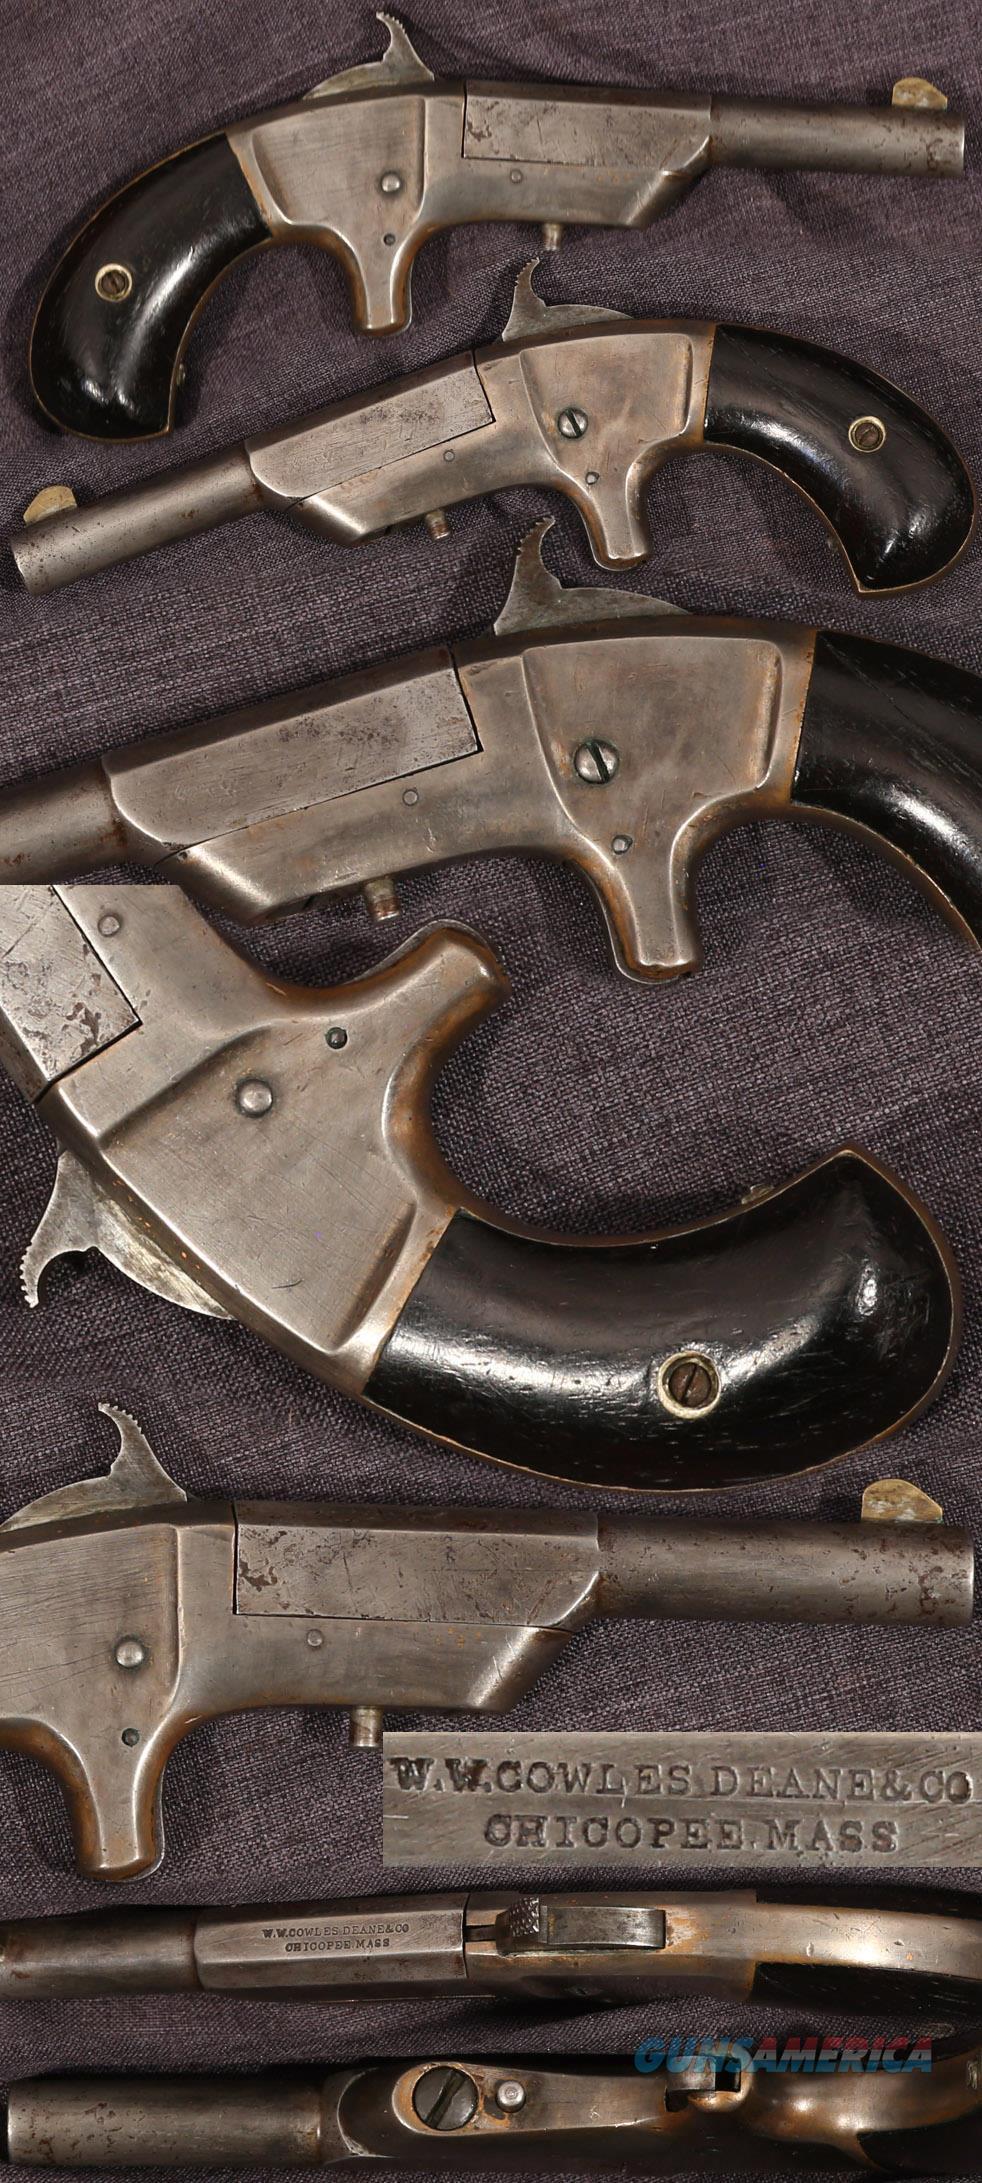 W.W.COWLES DEANE & CO marked 22 caliber derringer  Guns > Pistols > Antique (Pre-1899) Pistols - Ctg. Misc.